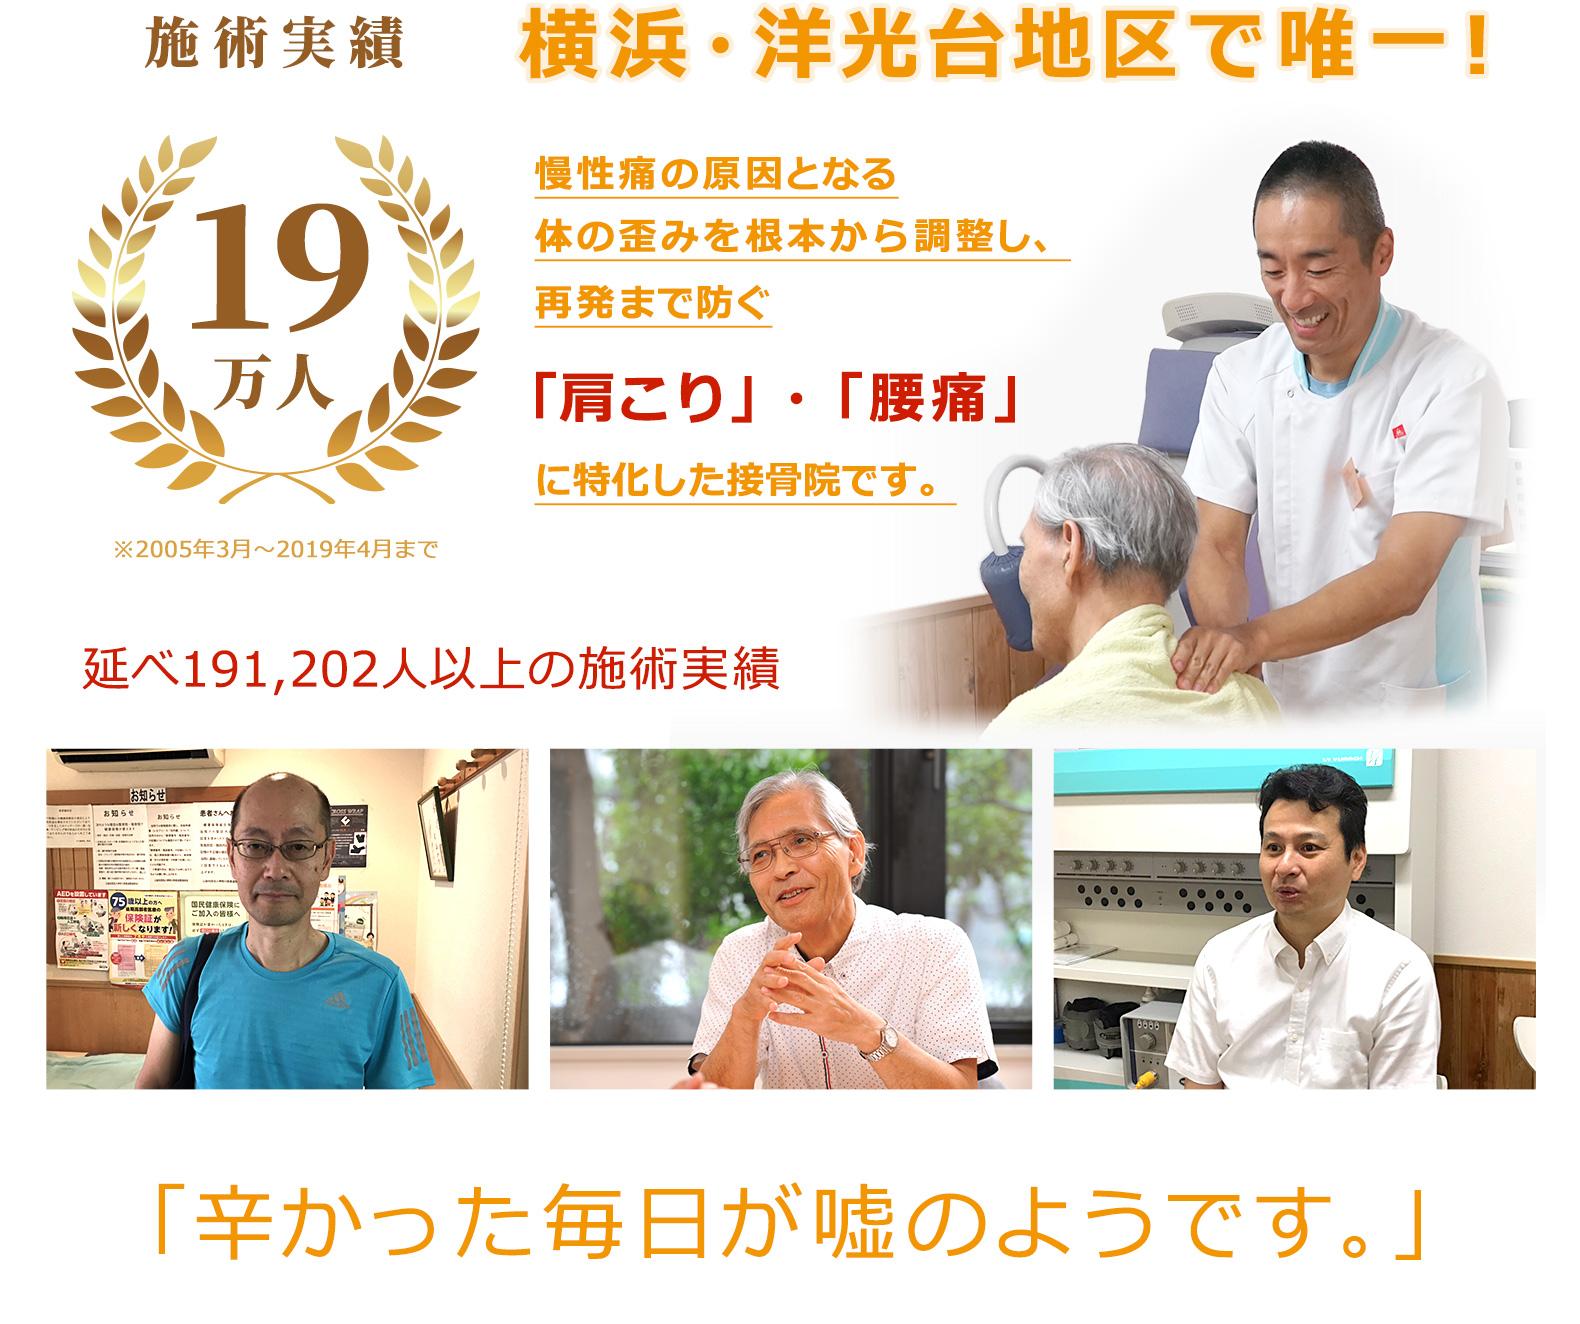 横浜・洋光台地区で唯一。慢性痛の原因となる身体のゆがみを根本から調整し、再発まで防ぐ「肩こり」・「腰痛」に特化した接骨院です。